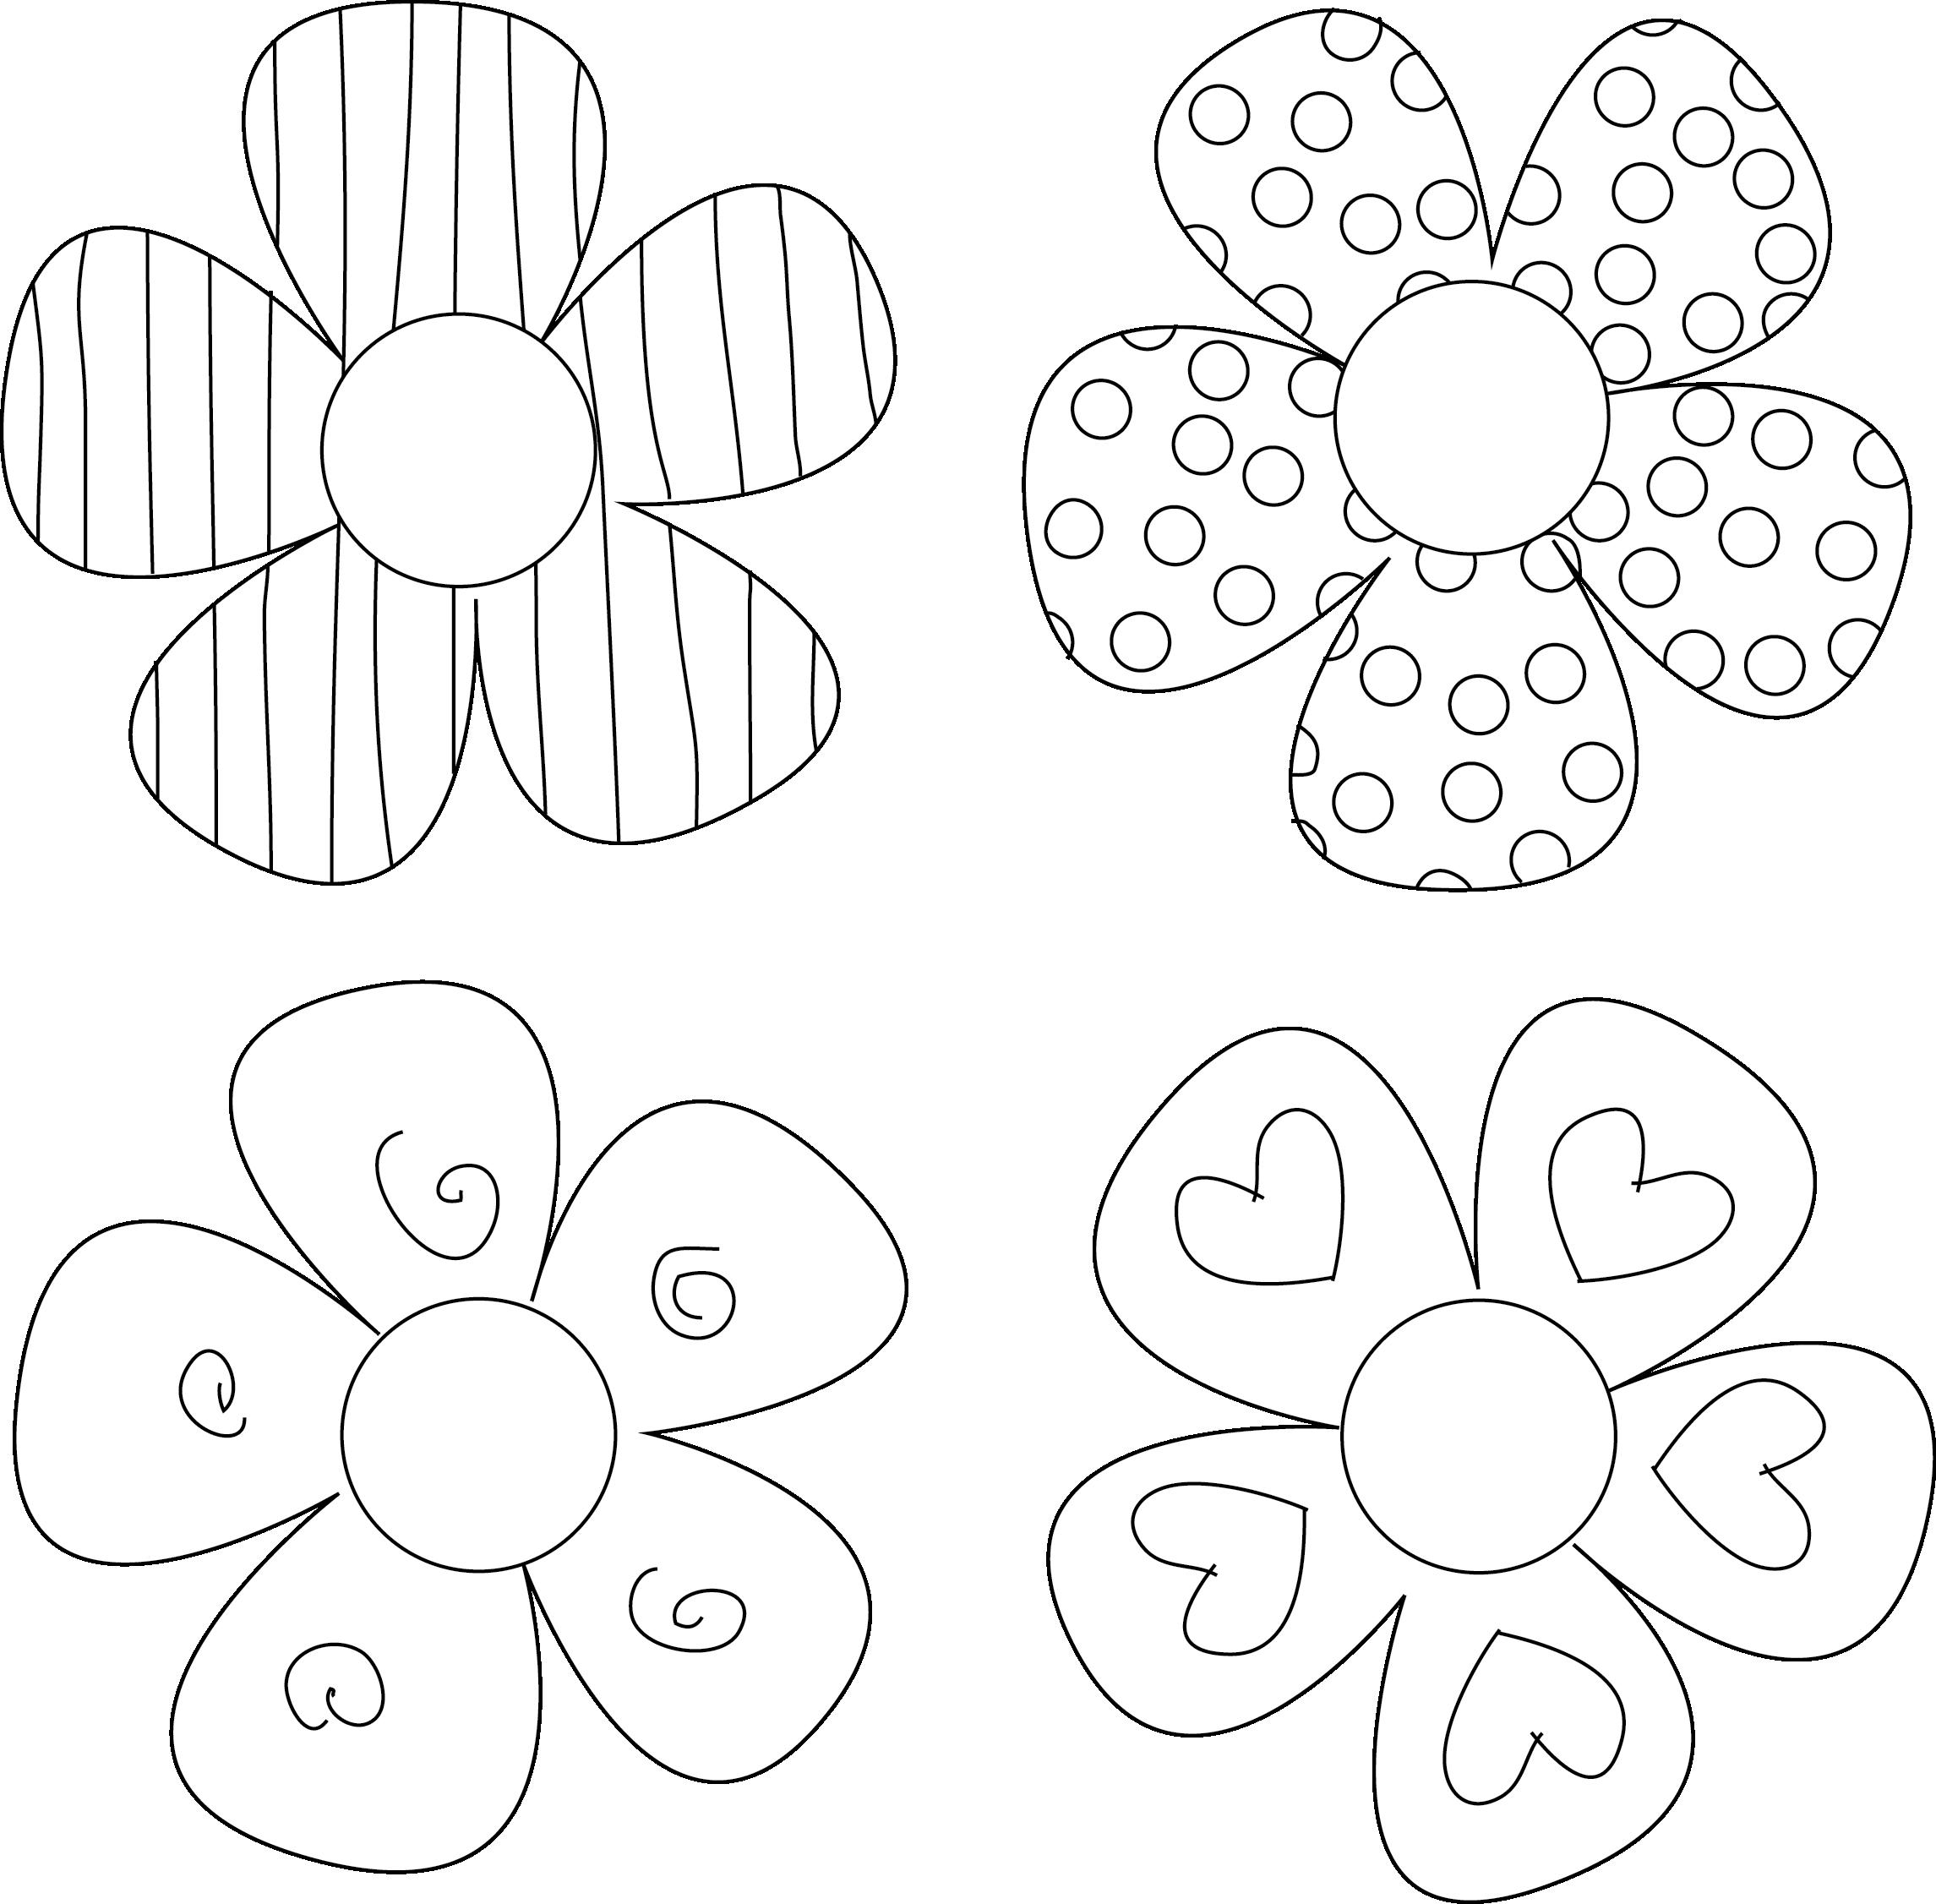 Color clipart printable. Colorful flower outline petal